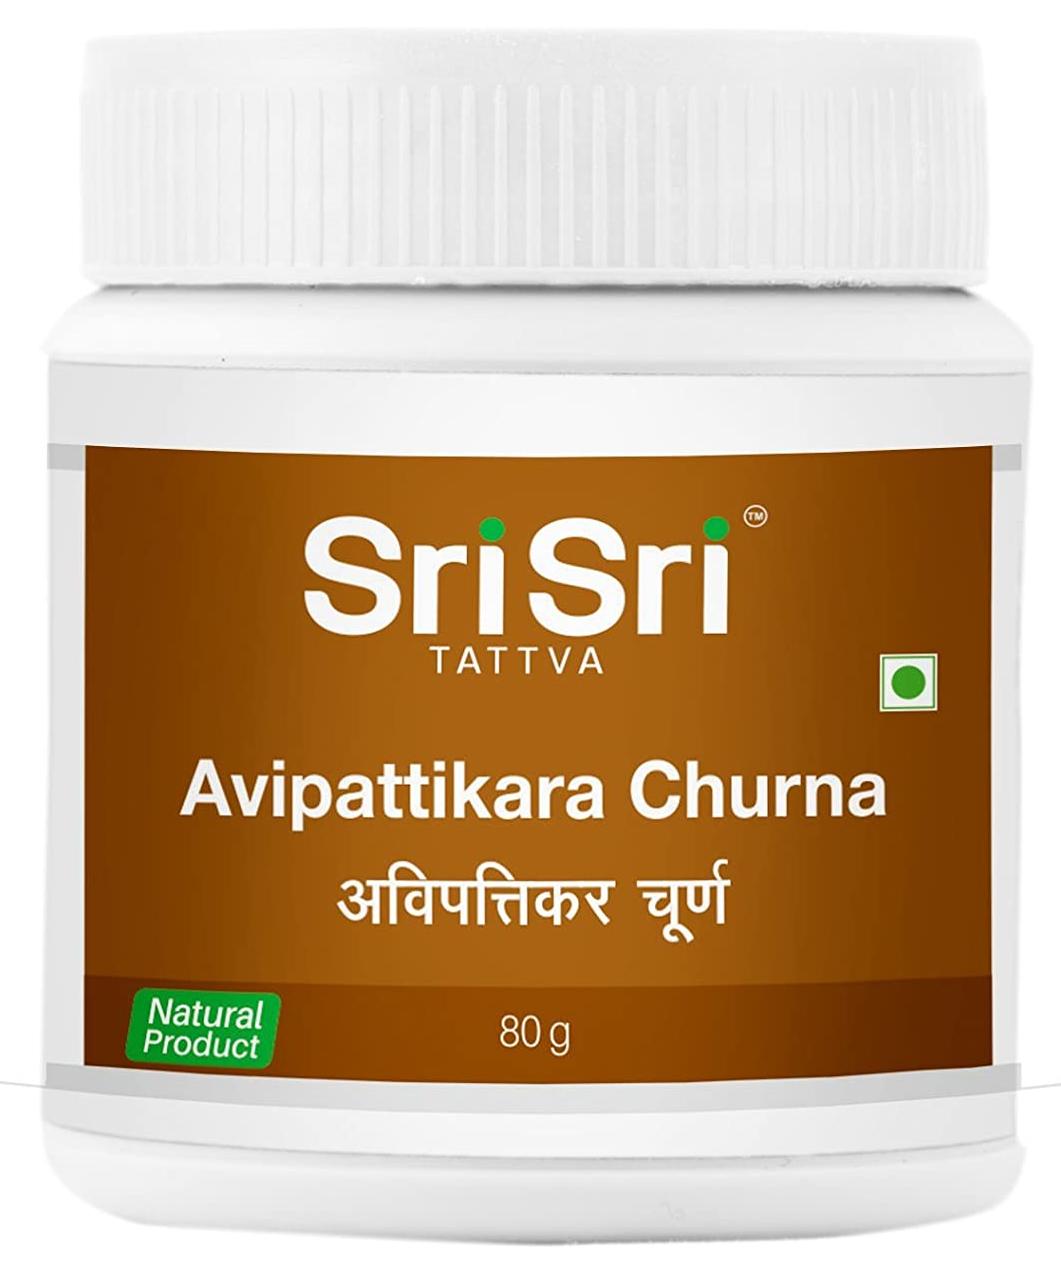 Sri Sri Ayurveda Avipattikara